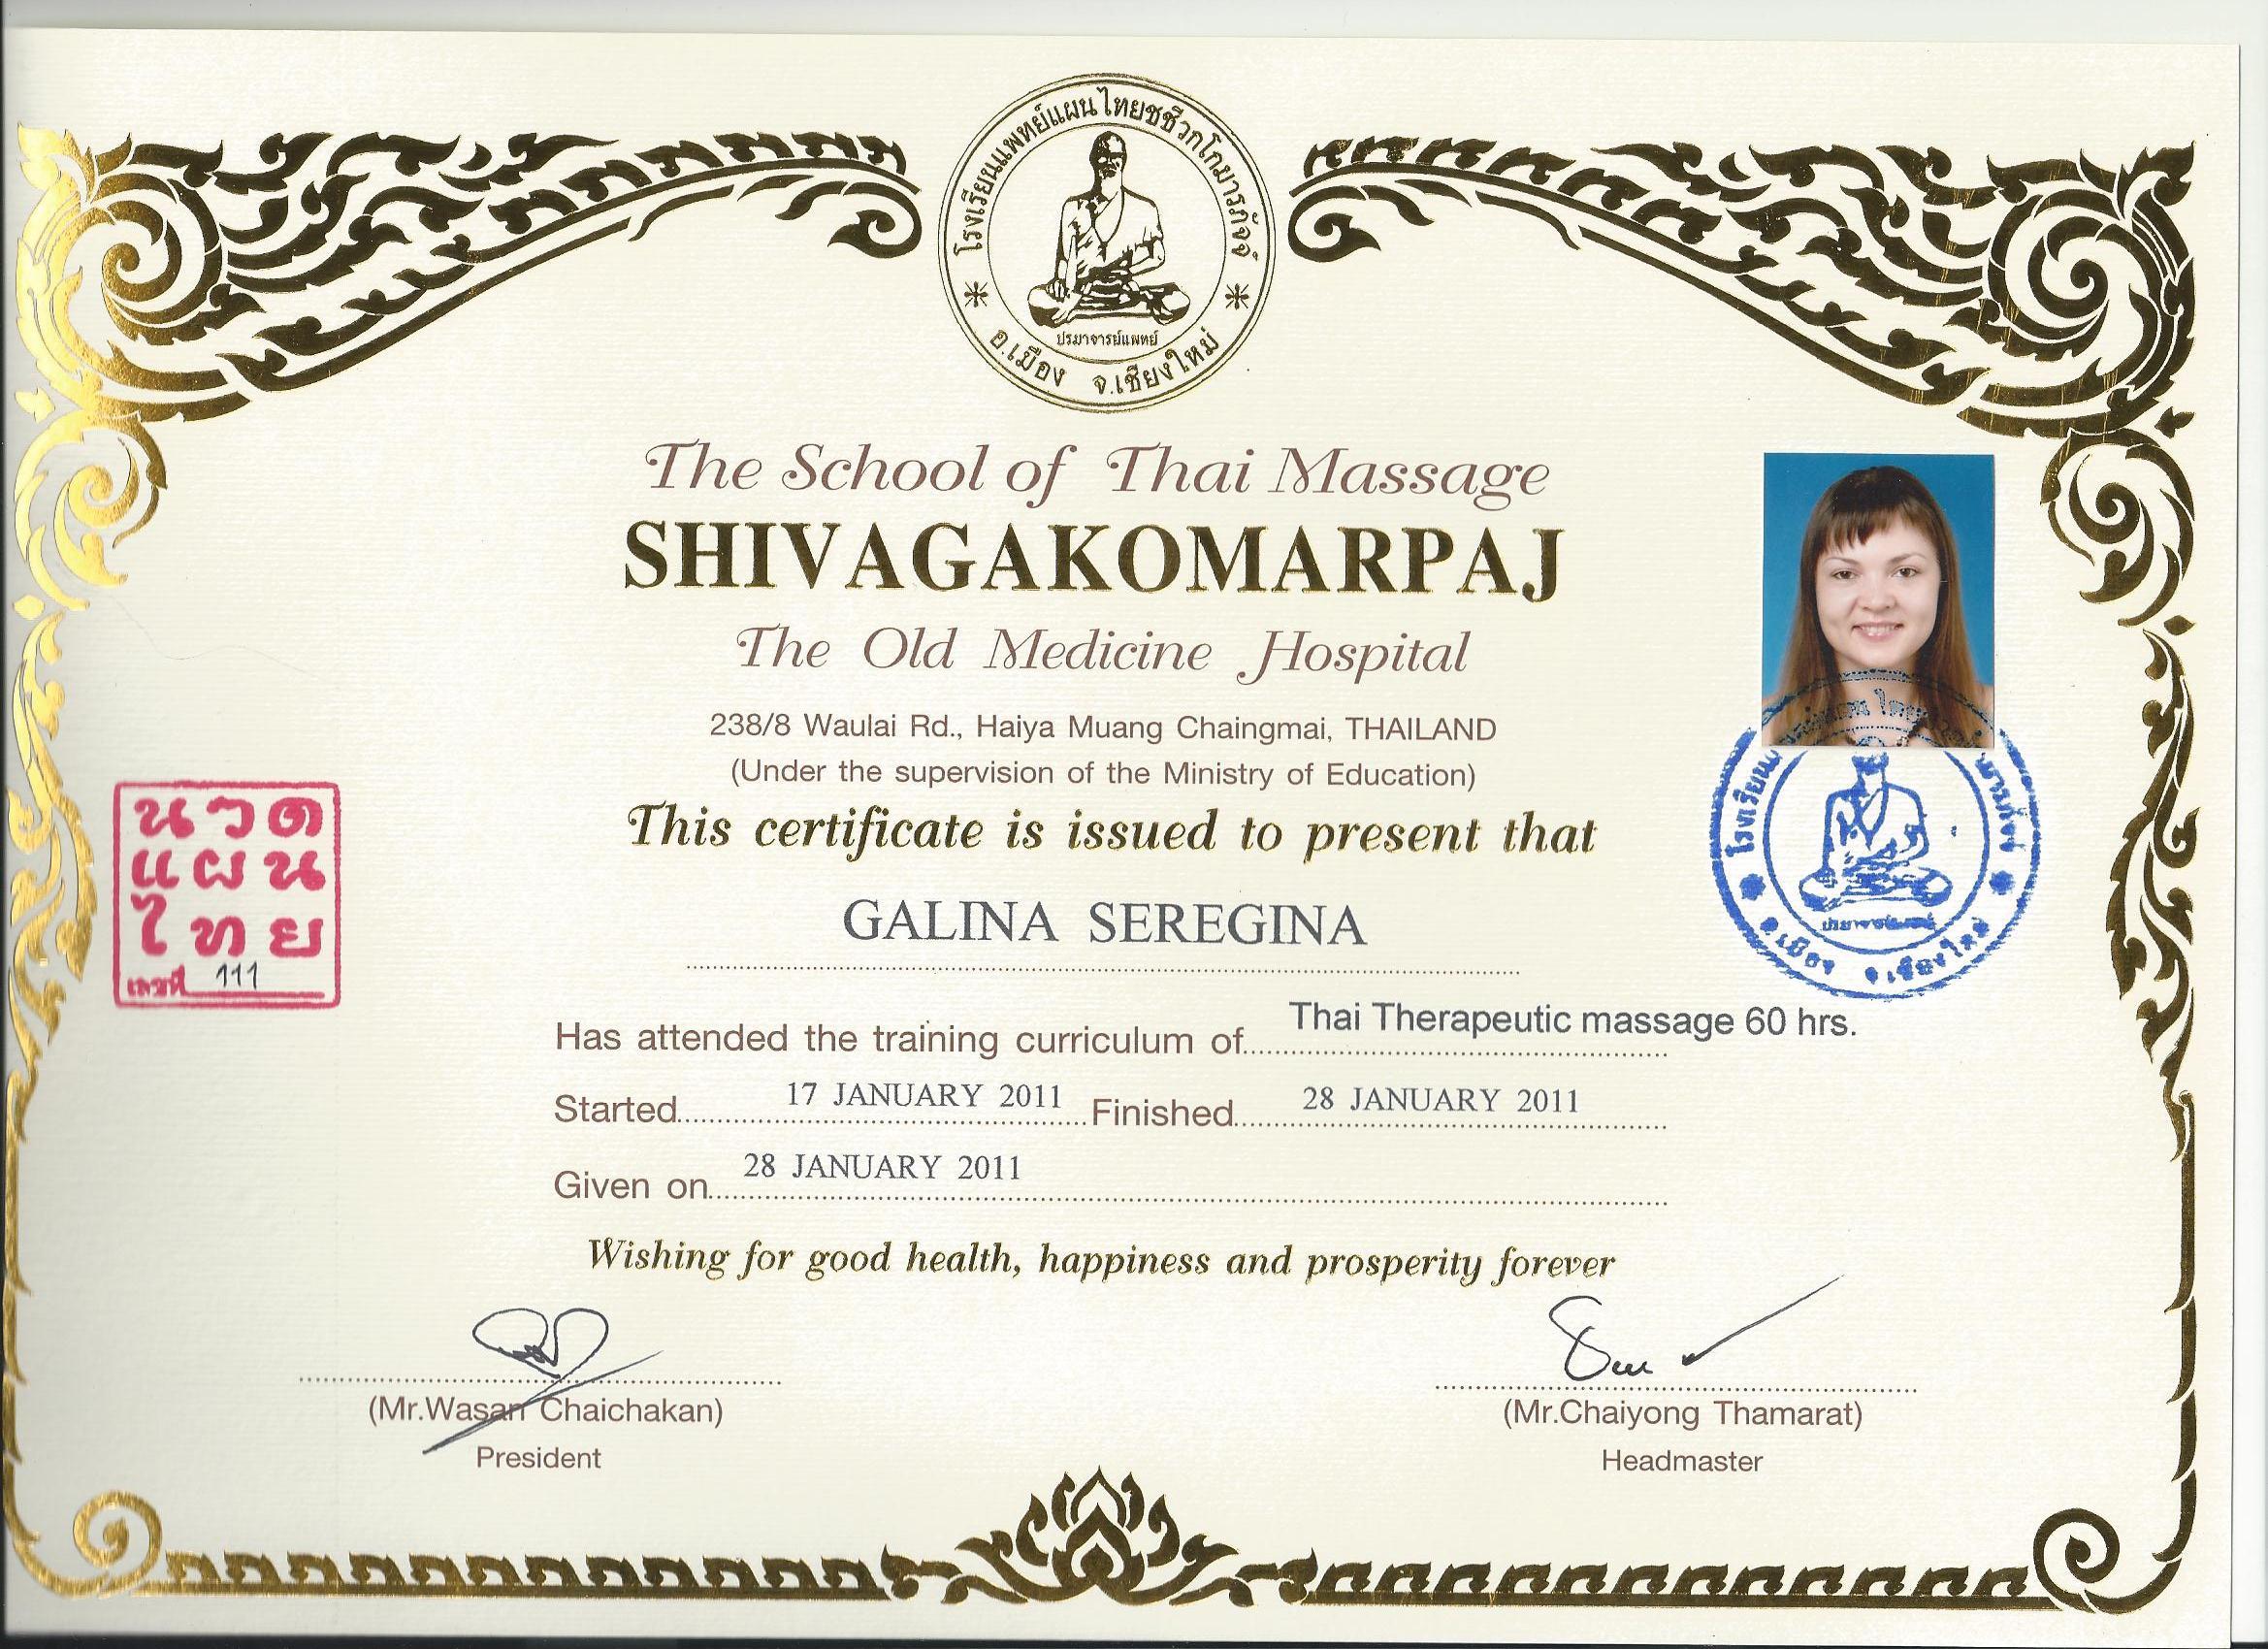 My certificates - Galina Seregina's School and Workshop of